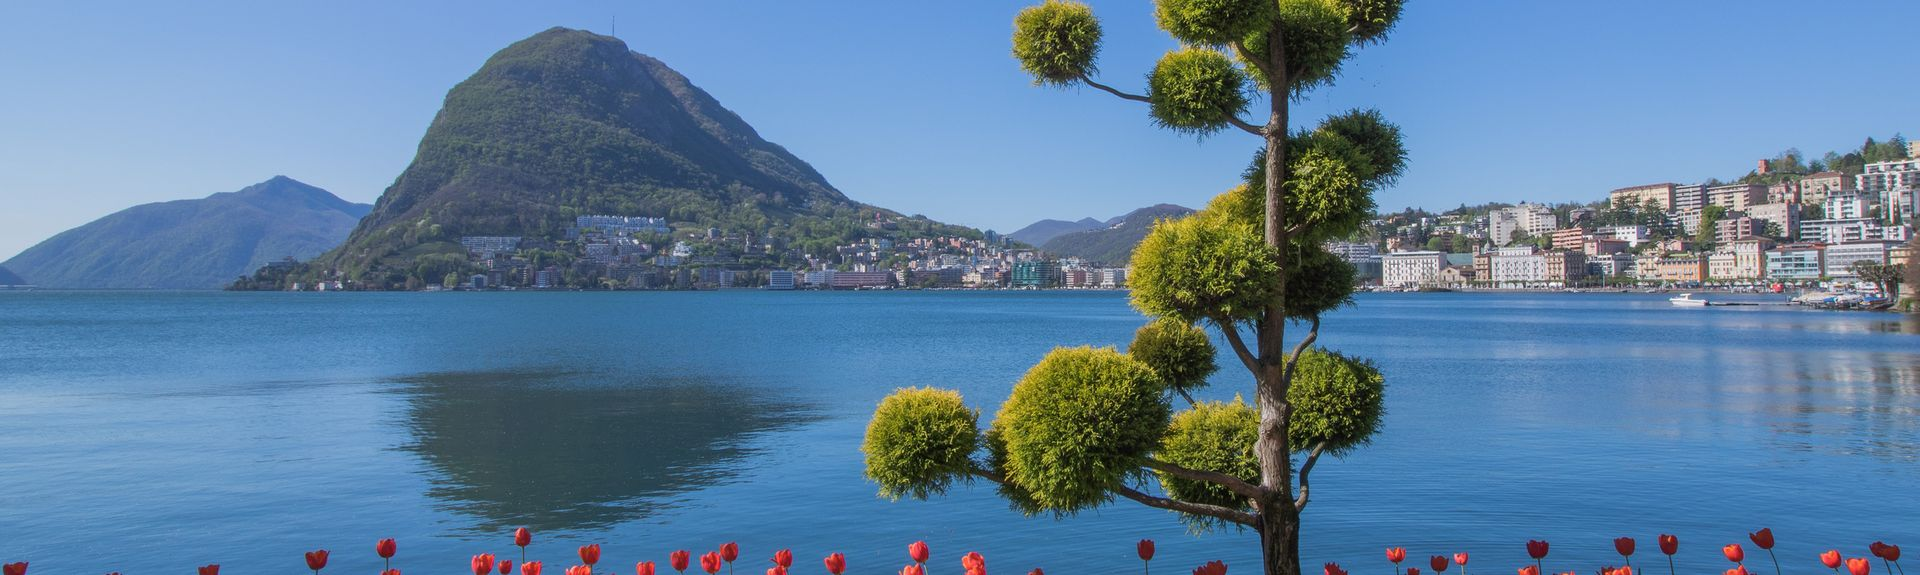 Agno, Ticino, Switzerland